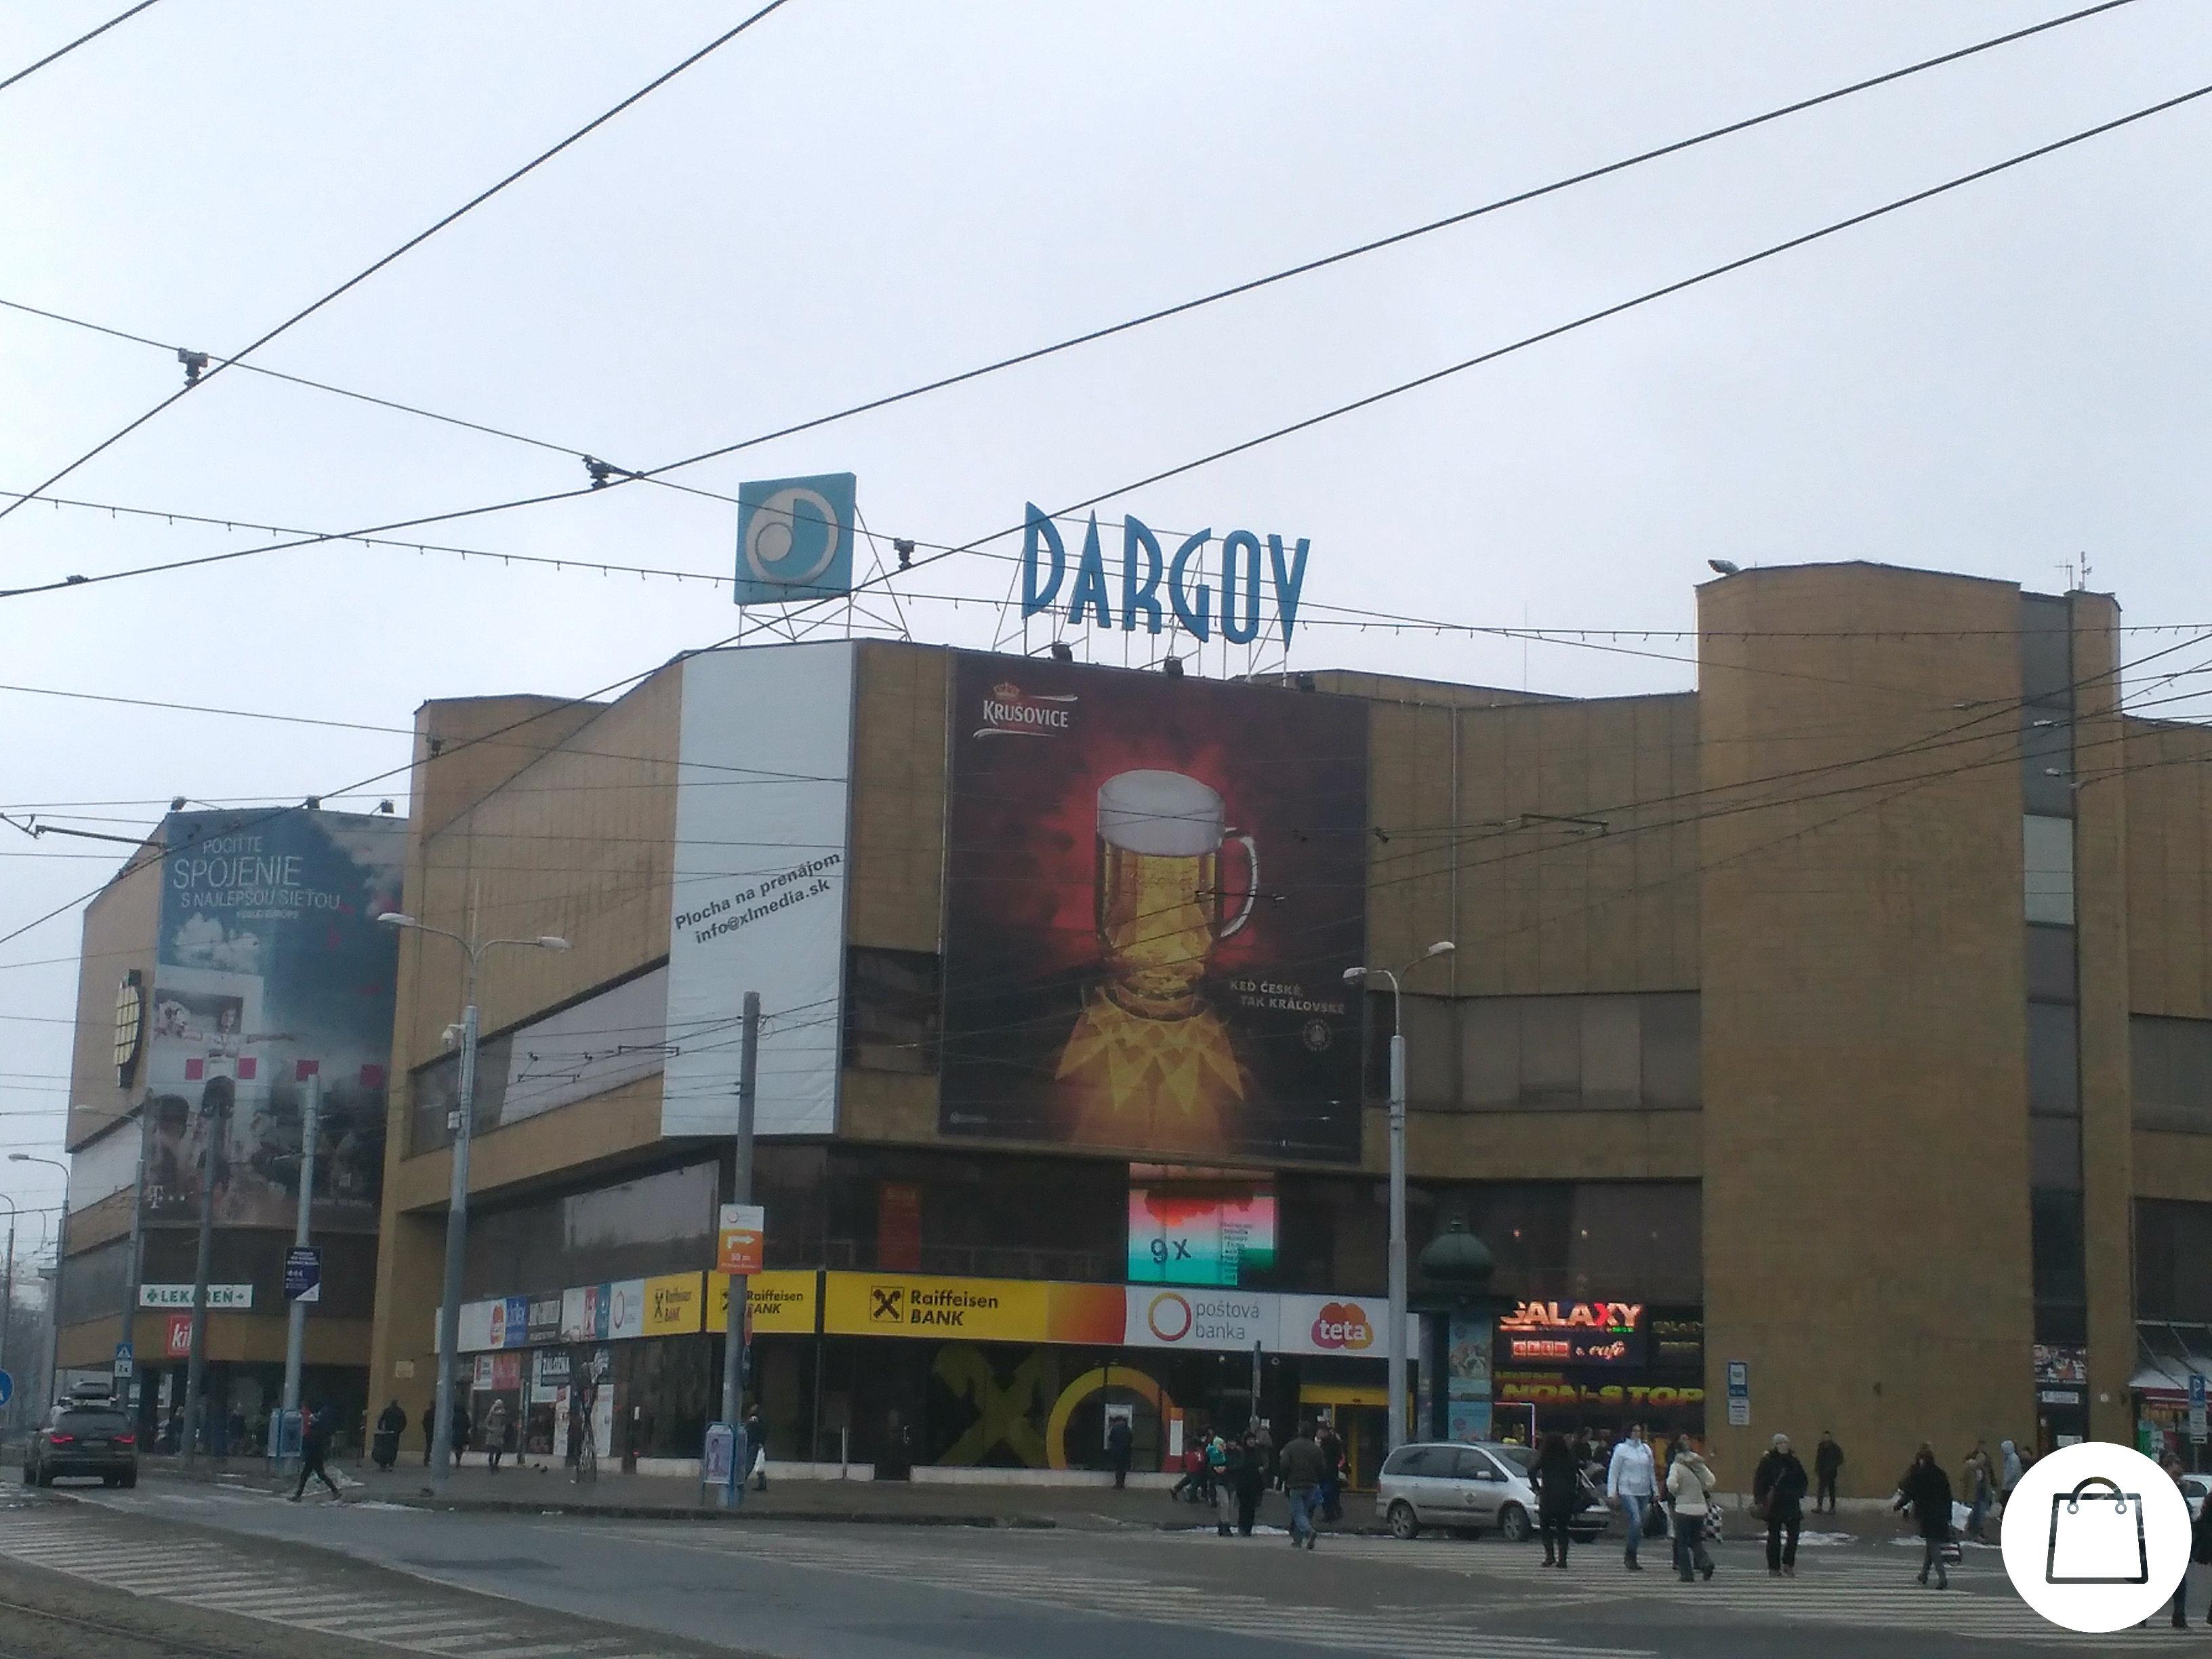 dargov